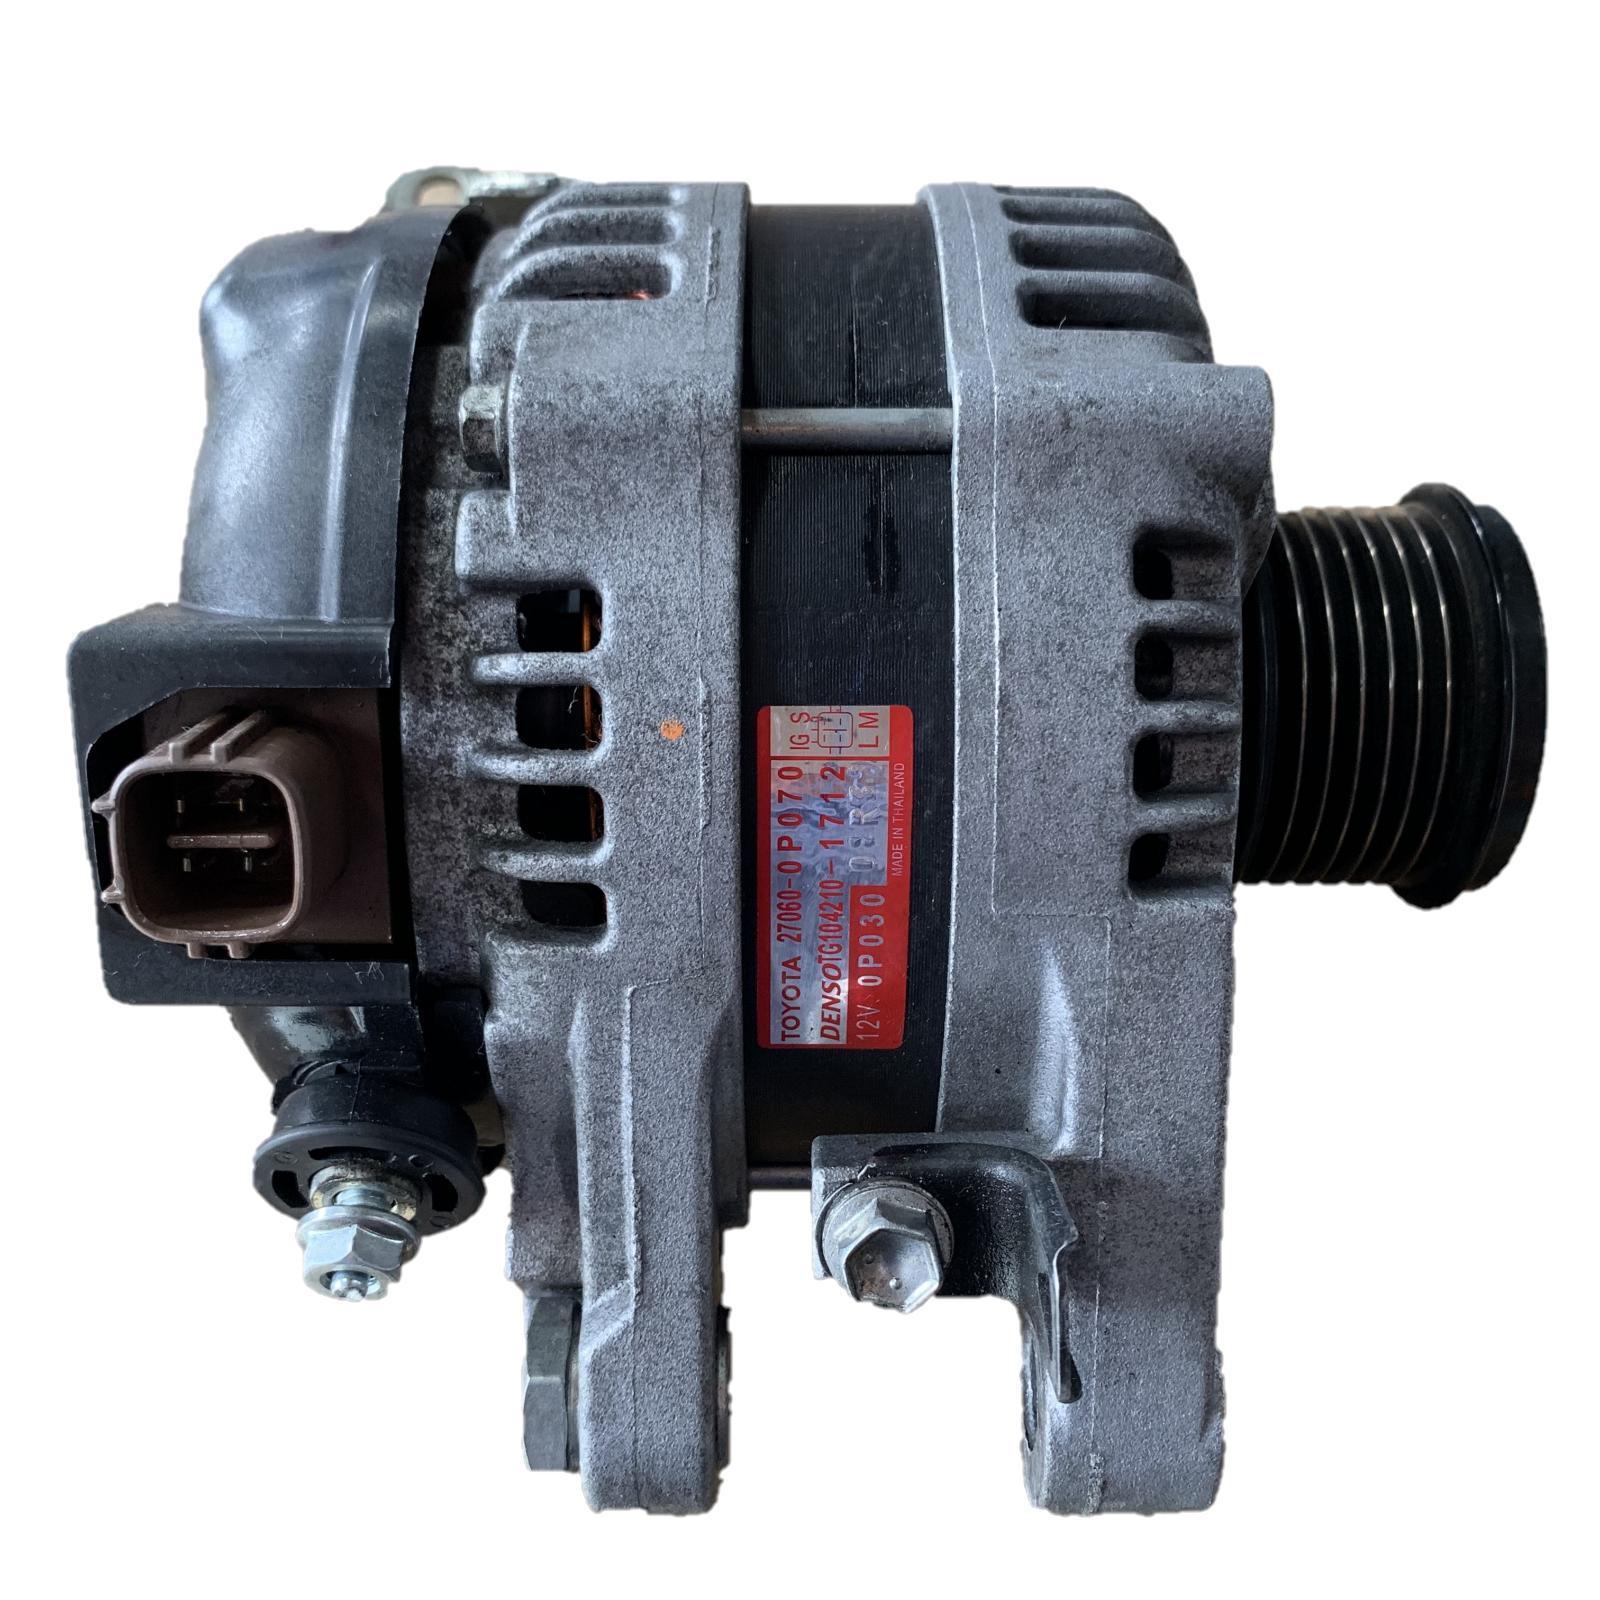 TOYOTA AURION, Alternator, PETROL, 3.5, 2GR-FE, GSV50R, 04/12-08/17